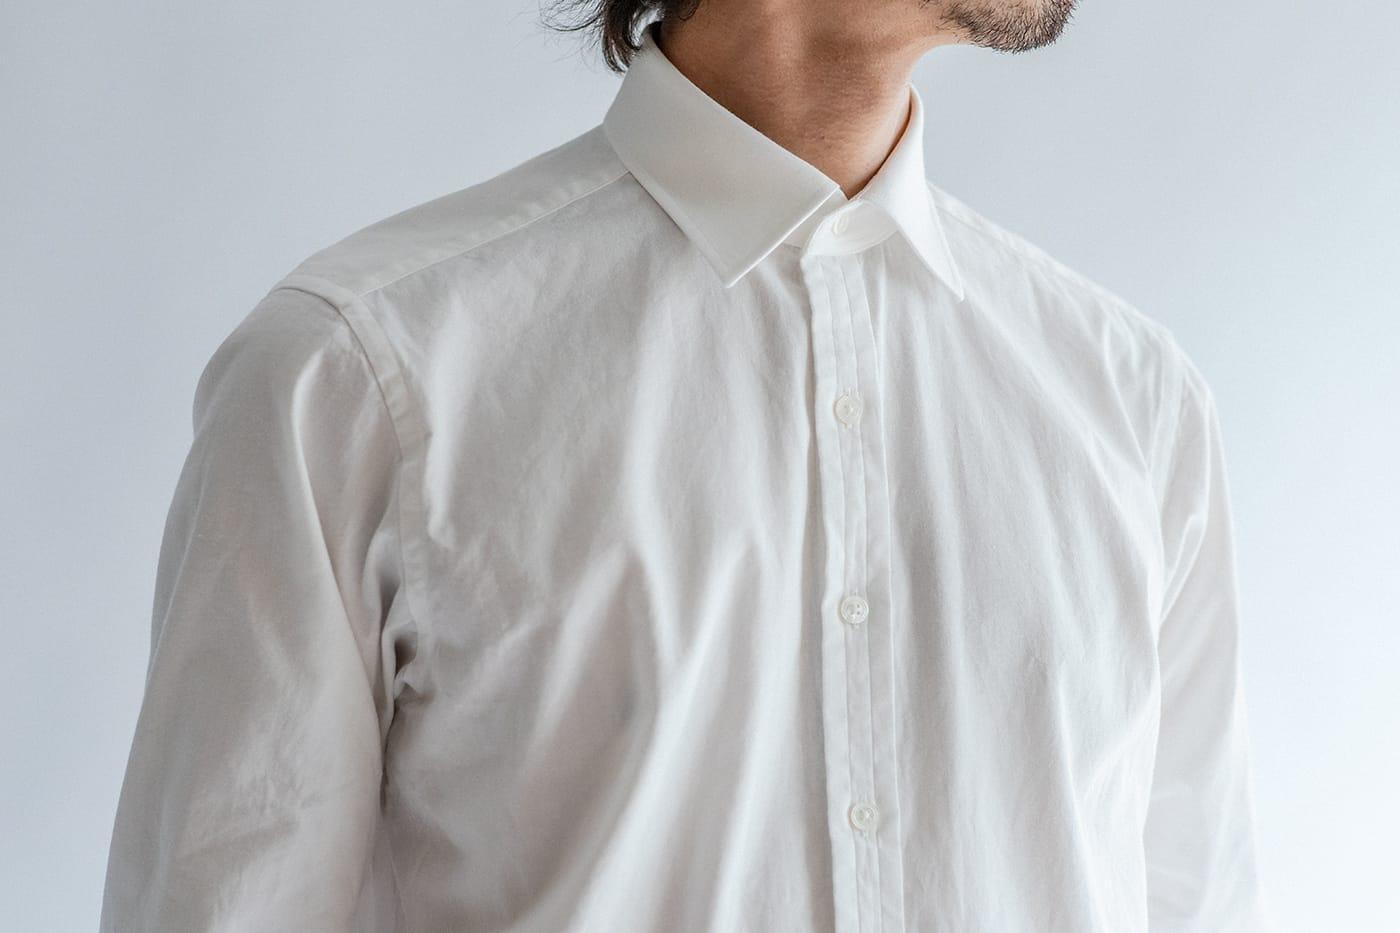 カジュアルシャツ「ブライトン」 英国の伝統美を継承しつつ、程よくソフトな表情に